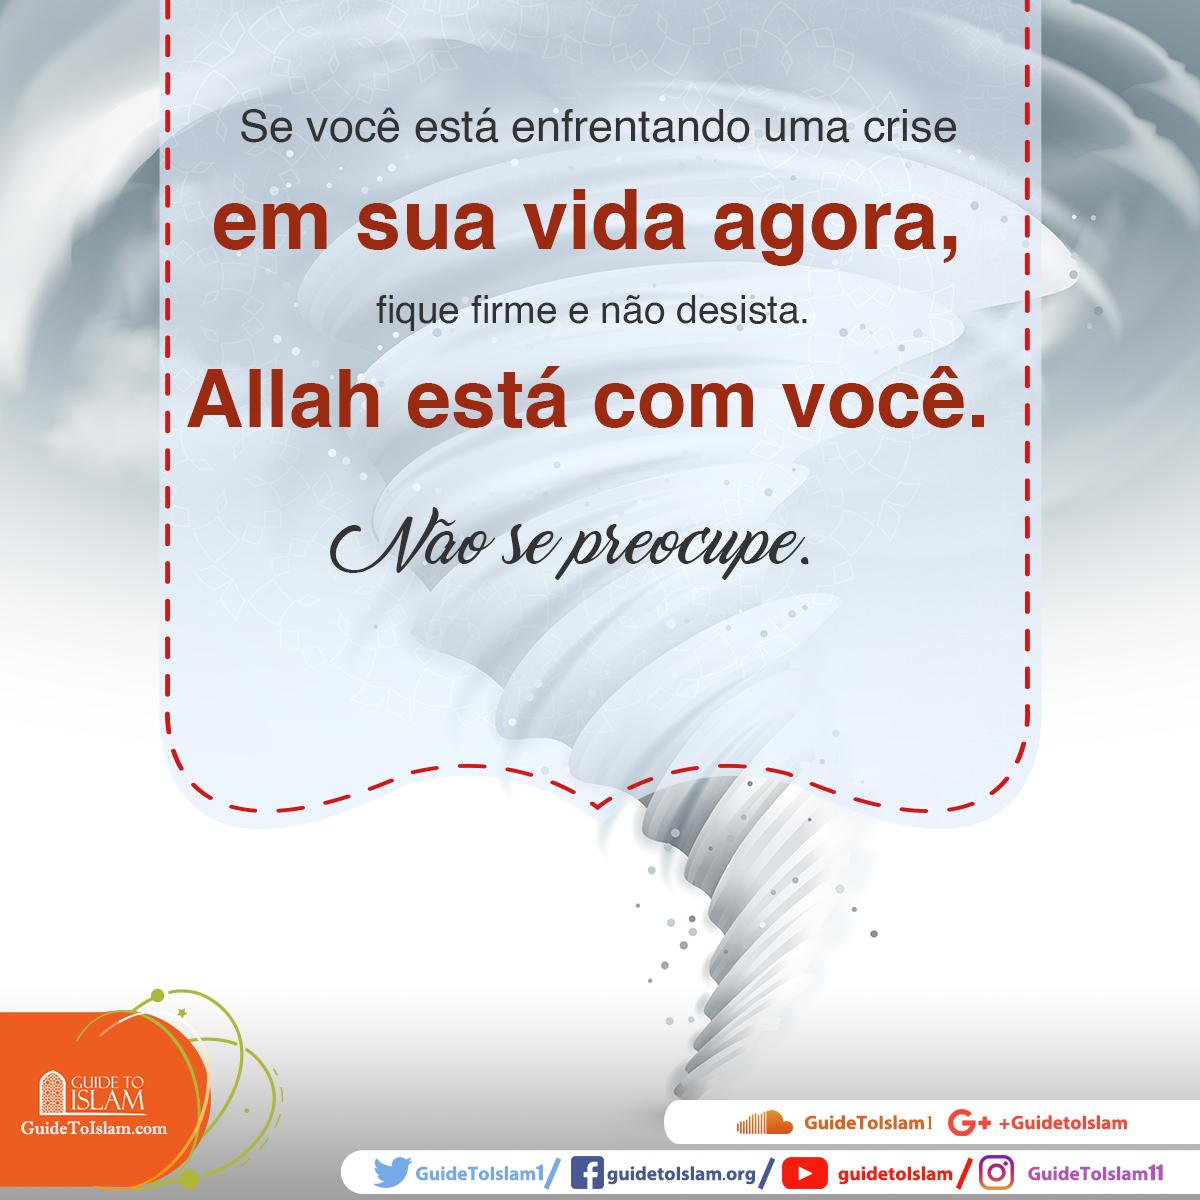 Allah está com você